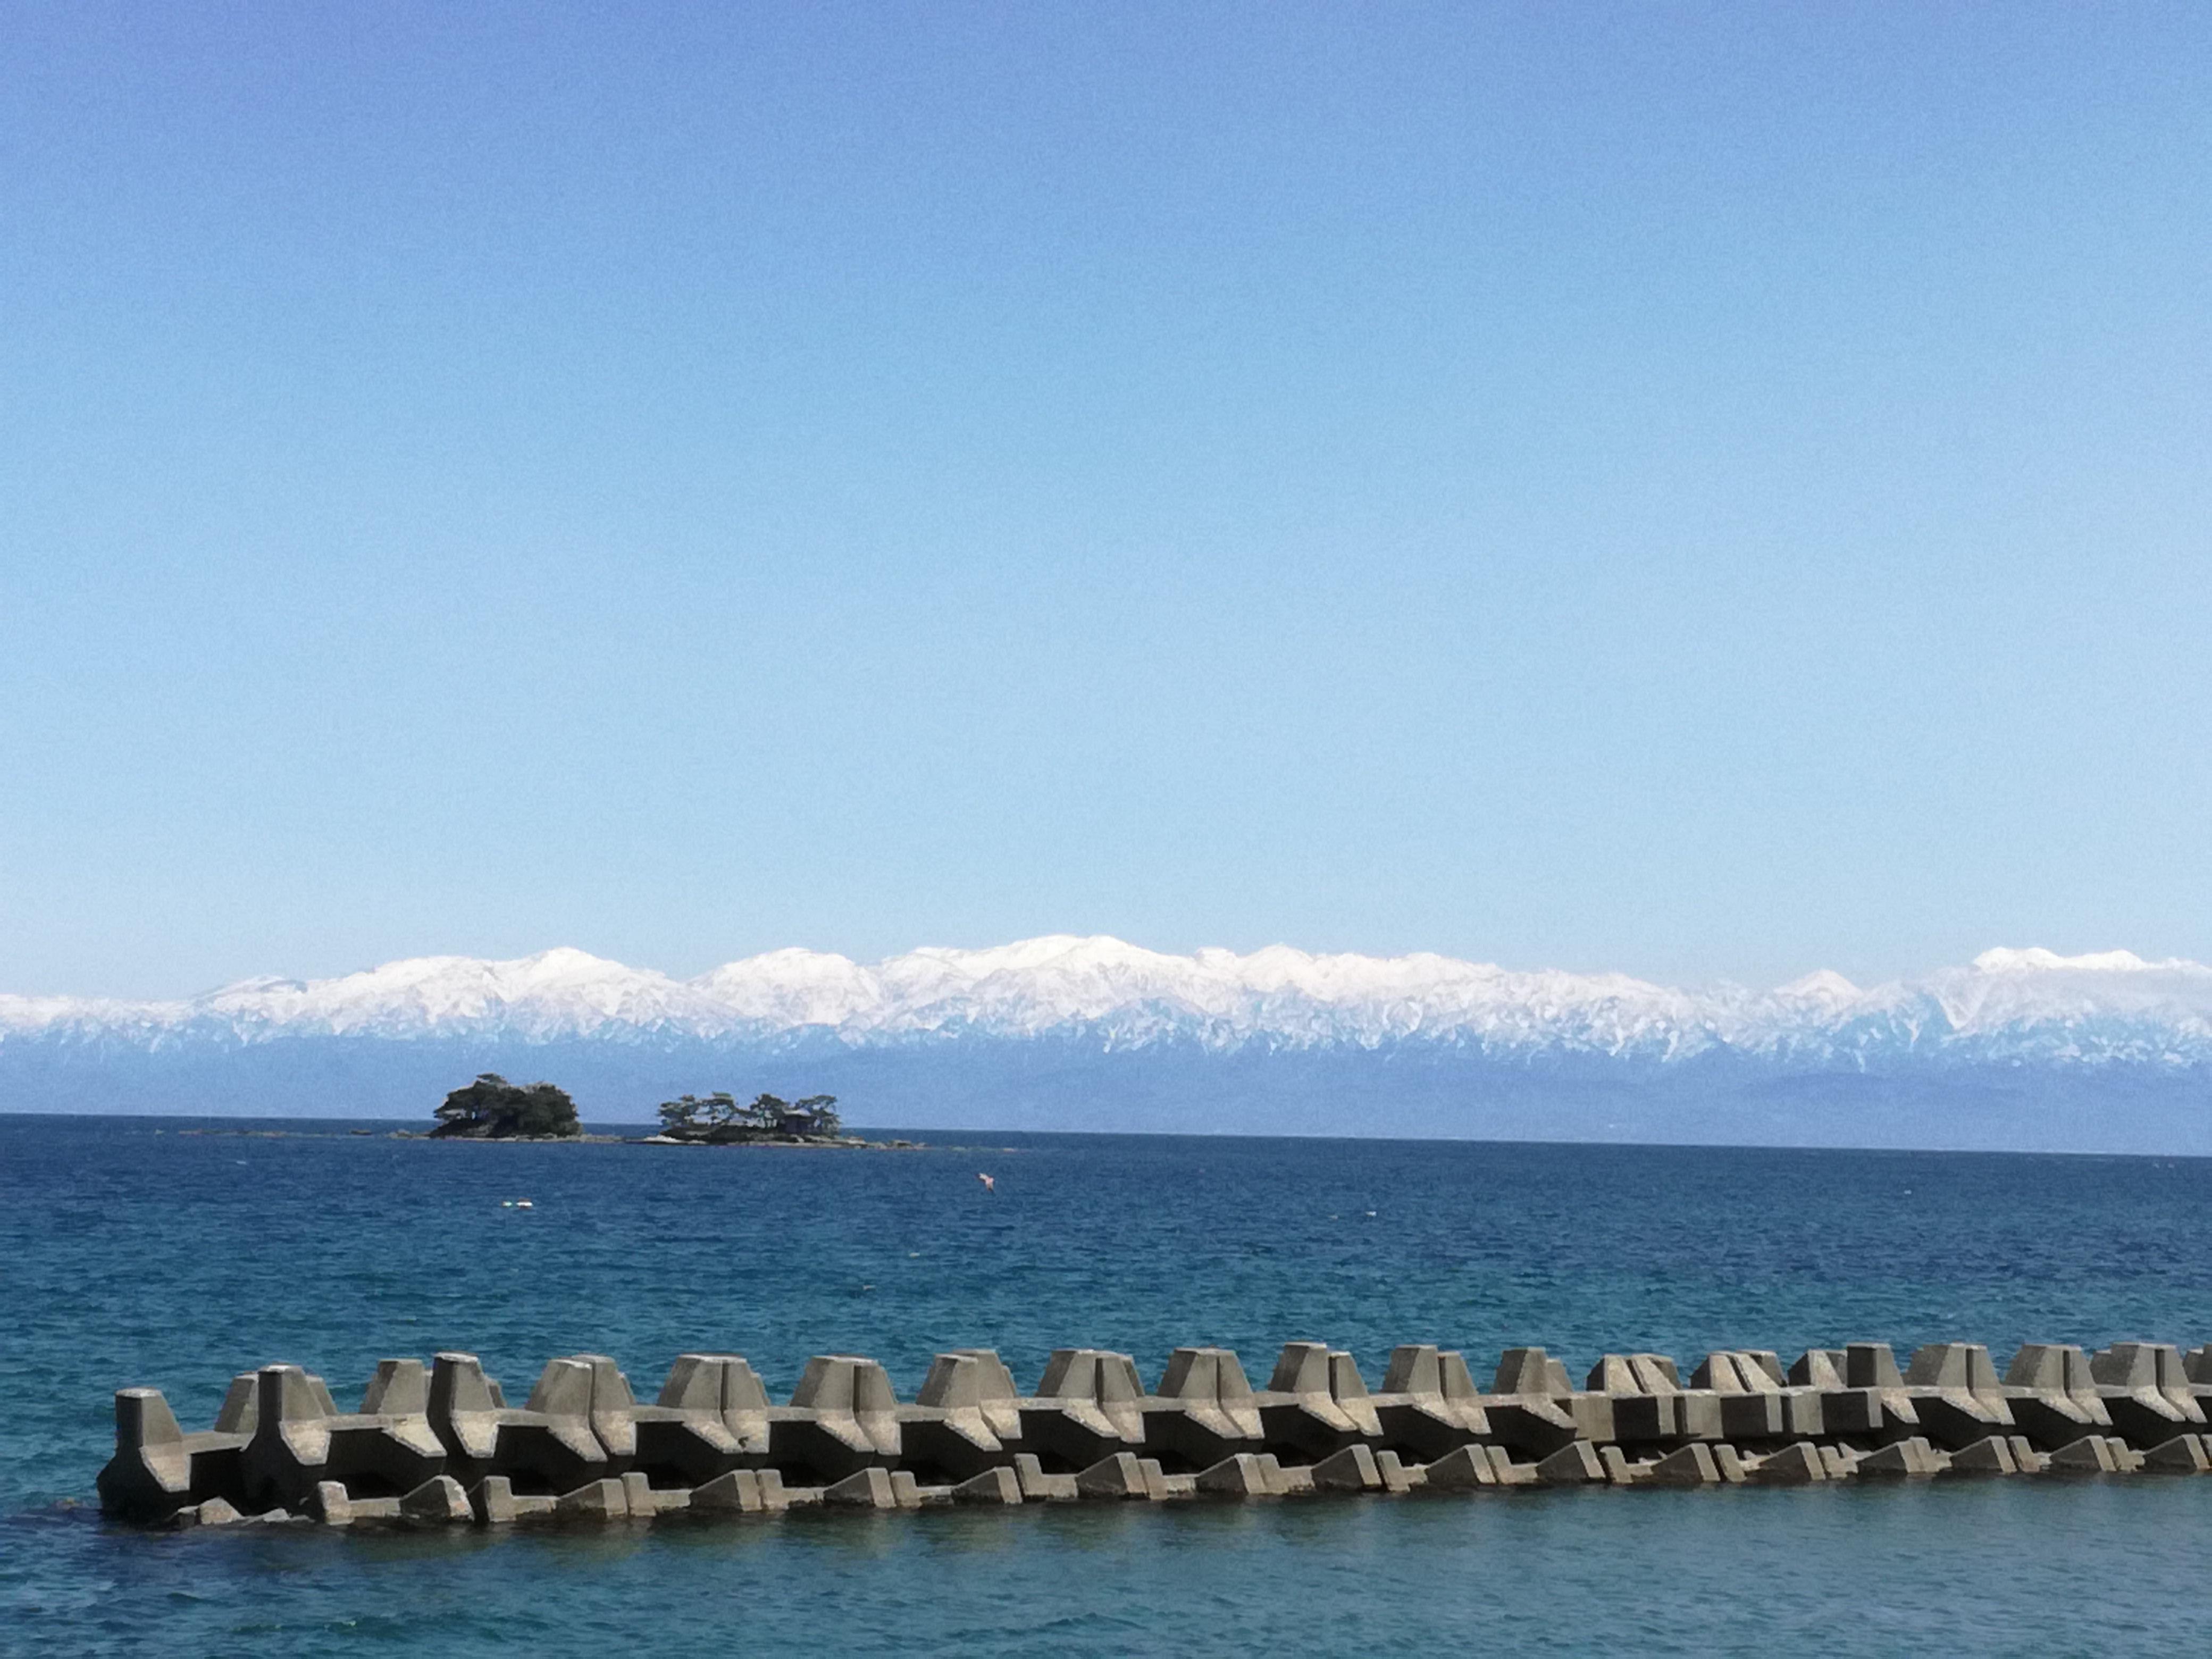 氷見の海岸線はドライブコースに最適!海越しの立山連峰は絶景!